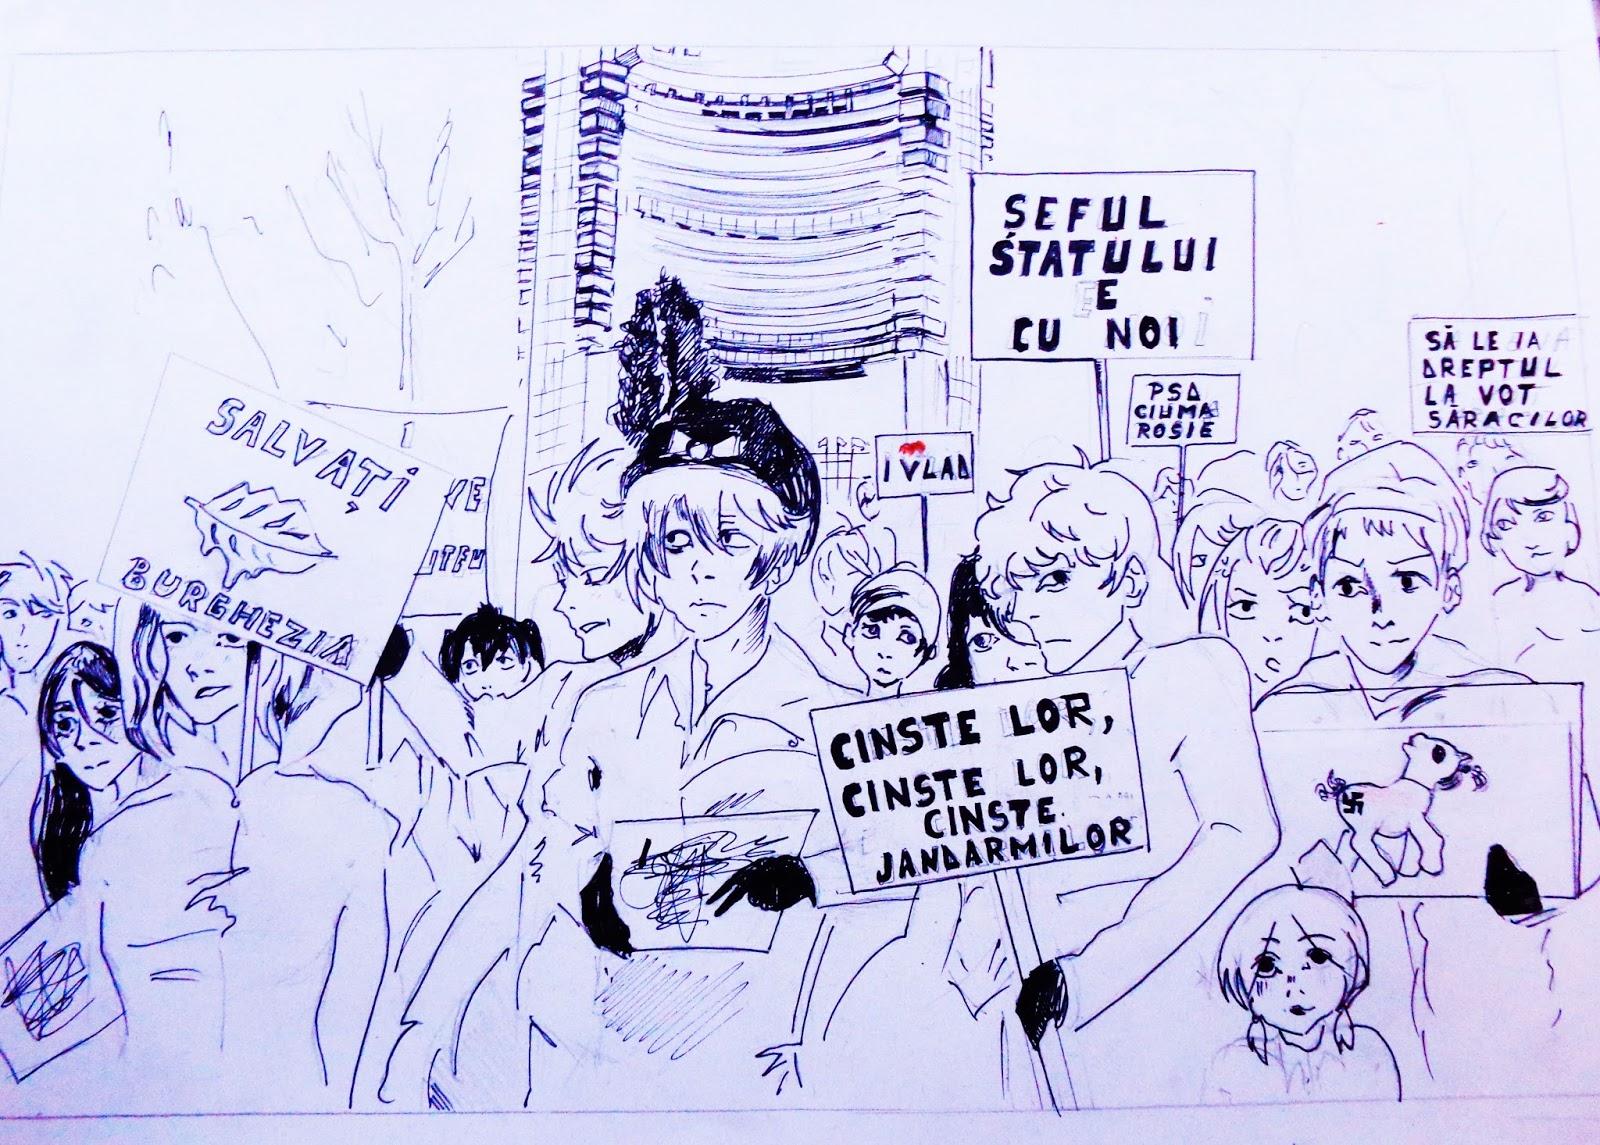 """Laurentiu Ridichie, """"Lepi mladi ljudi protestuju"""", (Parole: """"Spasite buržoaziju"""", """"Šef države je sa nama"""", """"PSD – crvena kuga"""", """"Oduzmite pravo glasa siromašnima""""); izvor: http://laurentiuridichie.blogspot.rs/"""